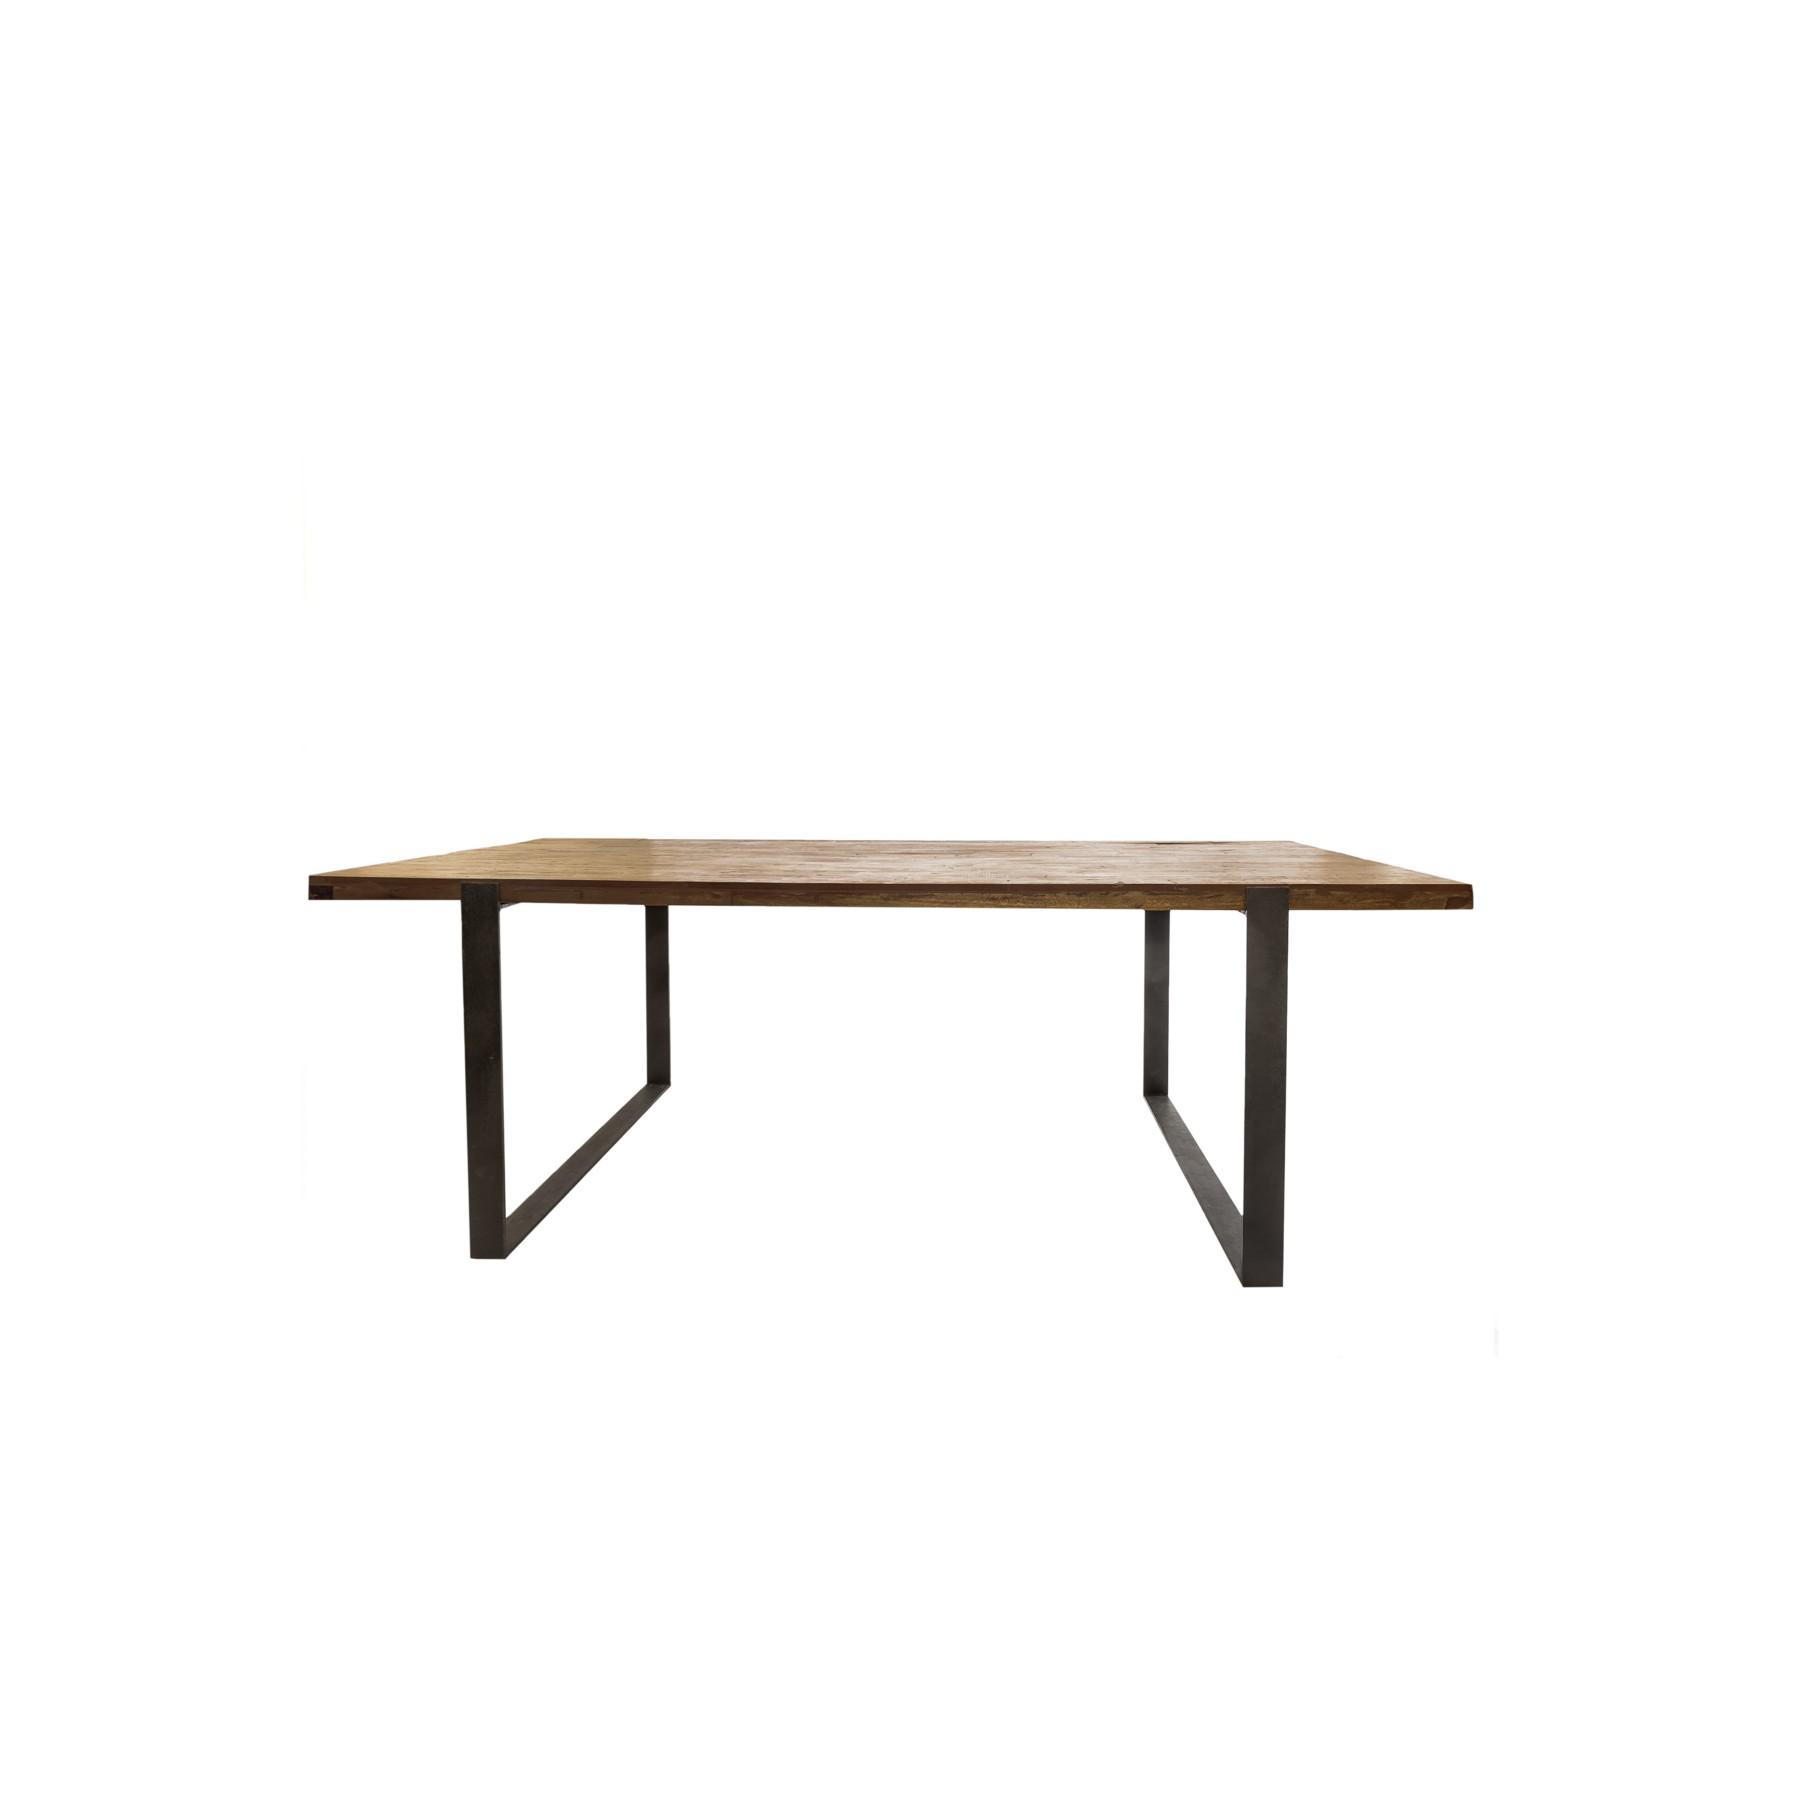 Mesa viga madera maciza de teca con patas en hierro fundido - Patas de mesa de madera ...